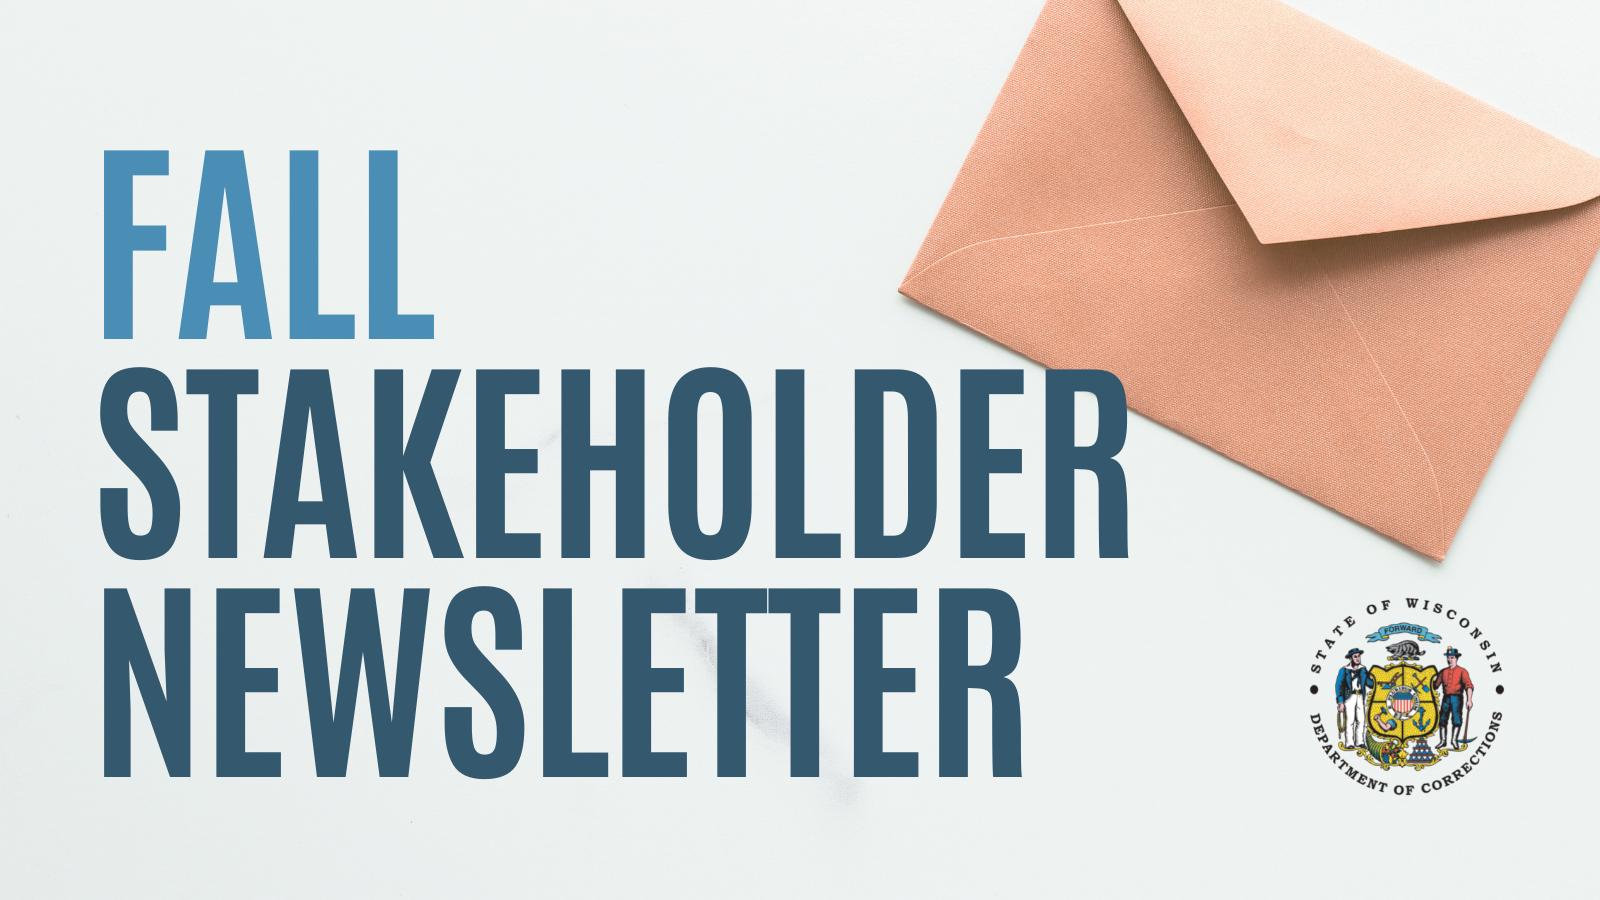 https://doc.wi.gov/PublishingImages/NewsItems/Fall%20Stakeholder%20Newsletter.png